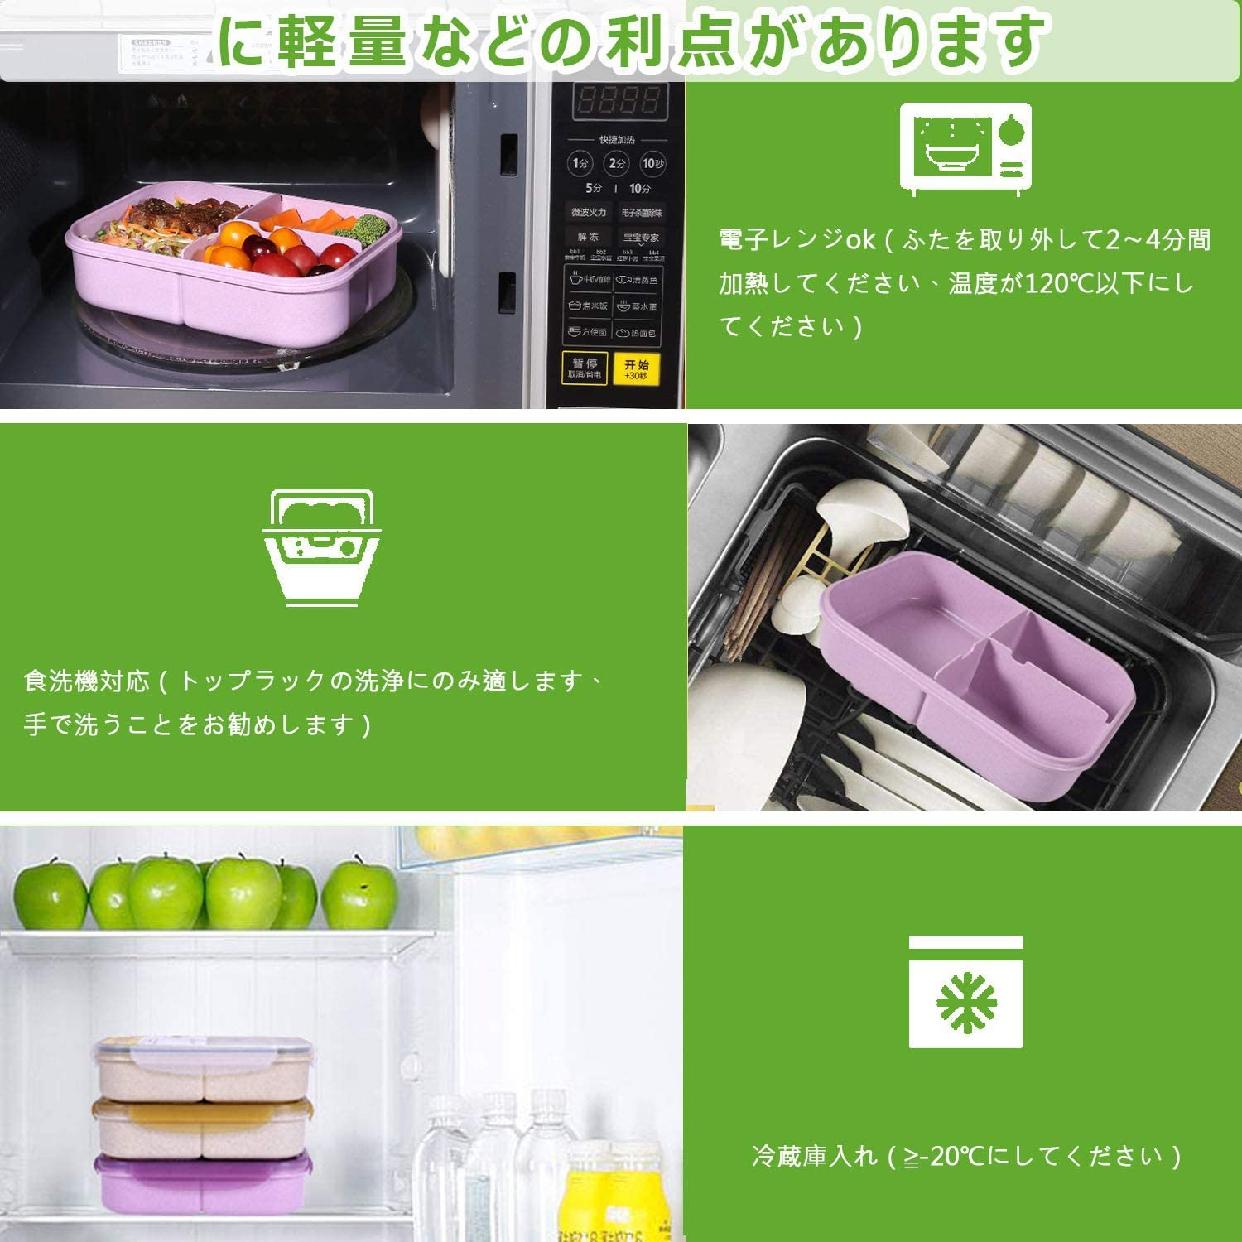 Jeopace(ジェオパス) 弁当箱の商品画像4